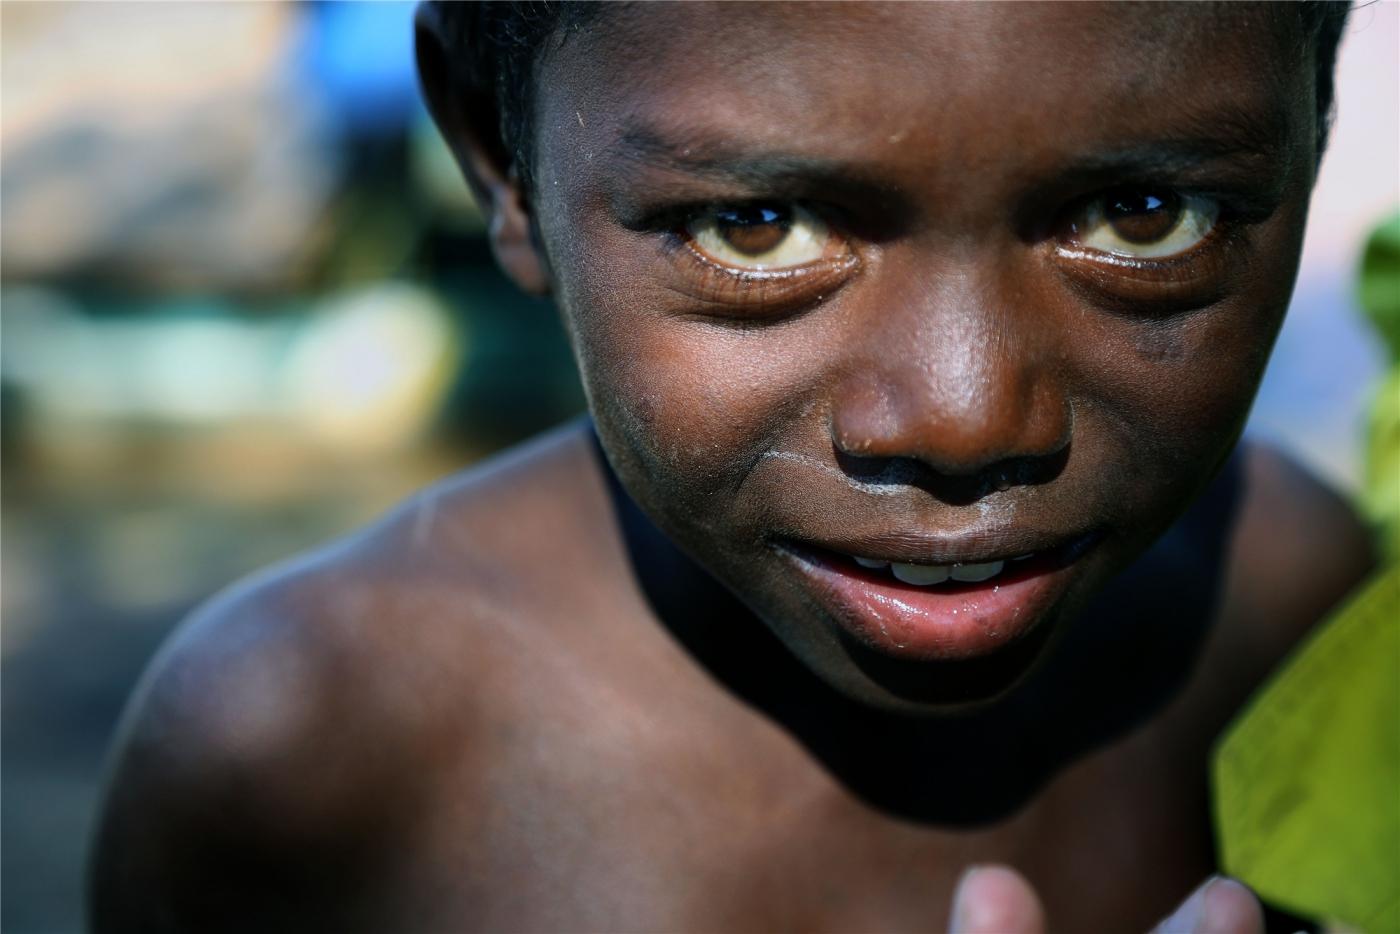 【原创实拍】黑色脸谱  ——行摄南部非洲(人像篇)_图1-33